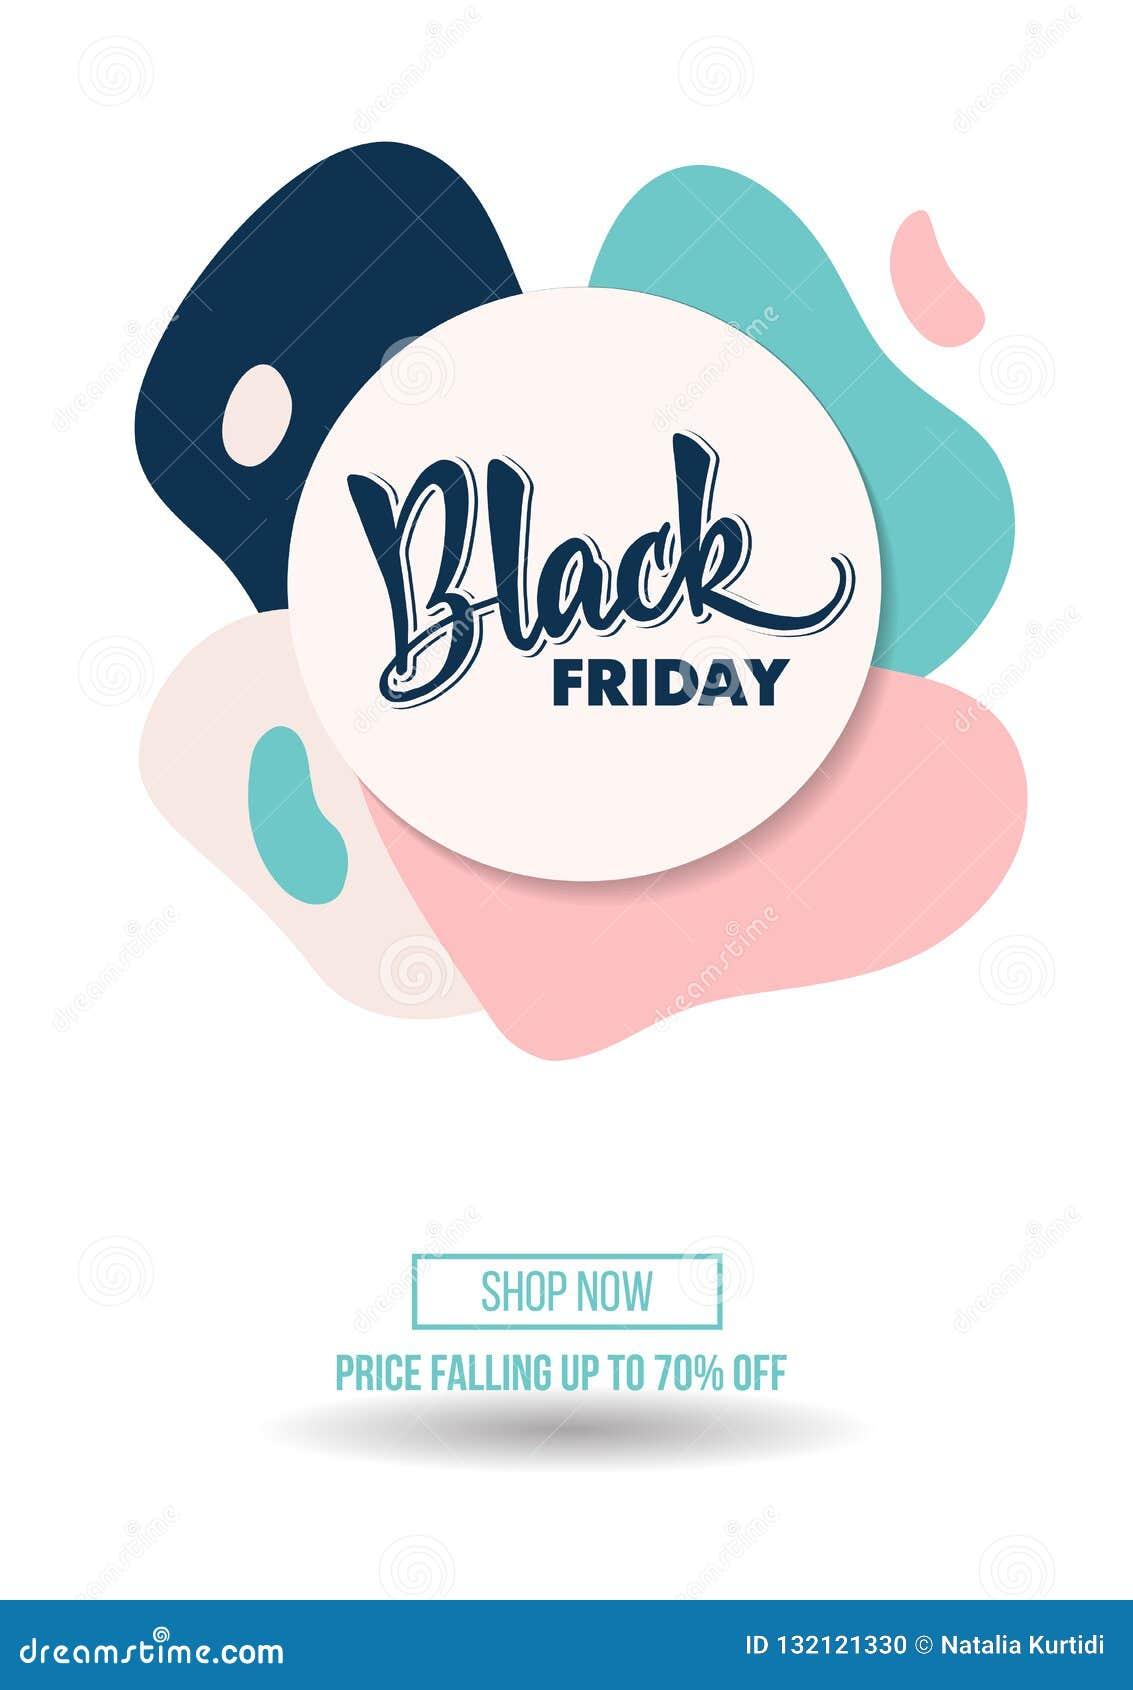 Black Friday-Verkaufsrabatt Promo-Angebotplakat oder Werbungsfliege